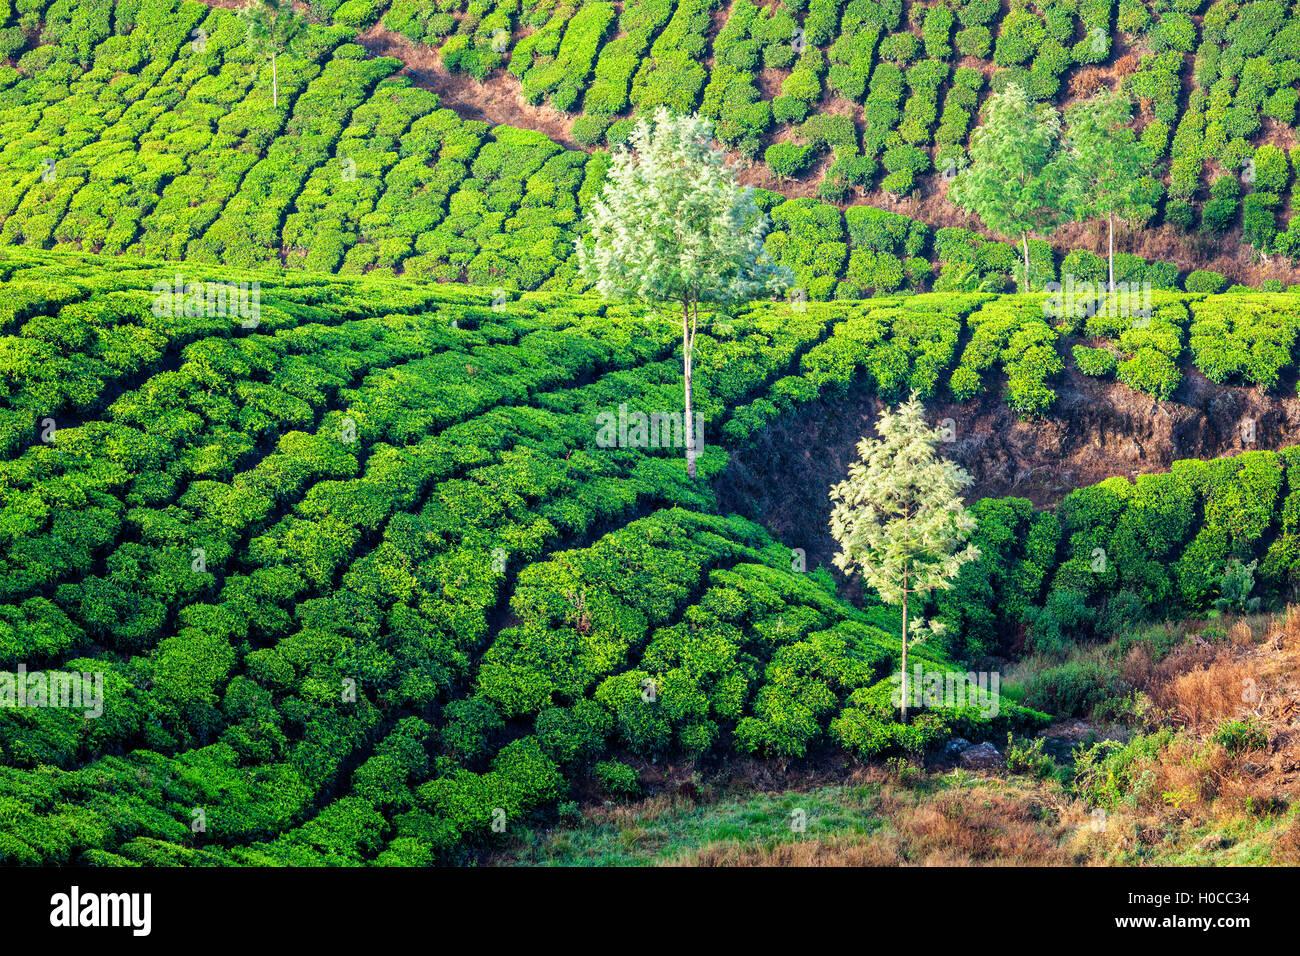 Las plantaciones de té verde Imagen De Stock